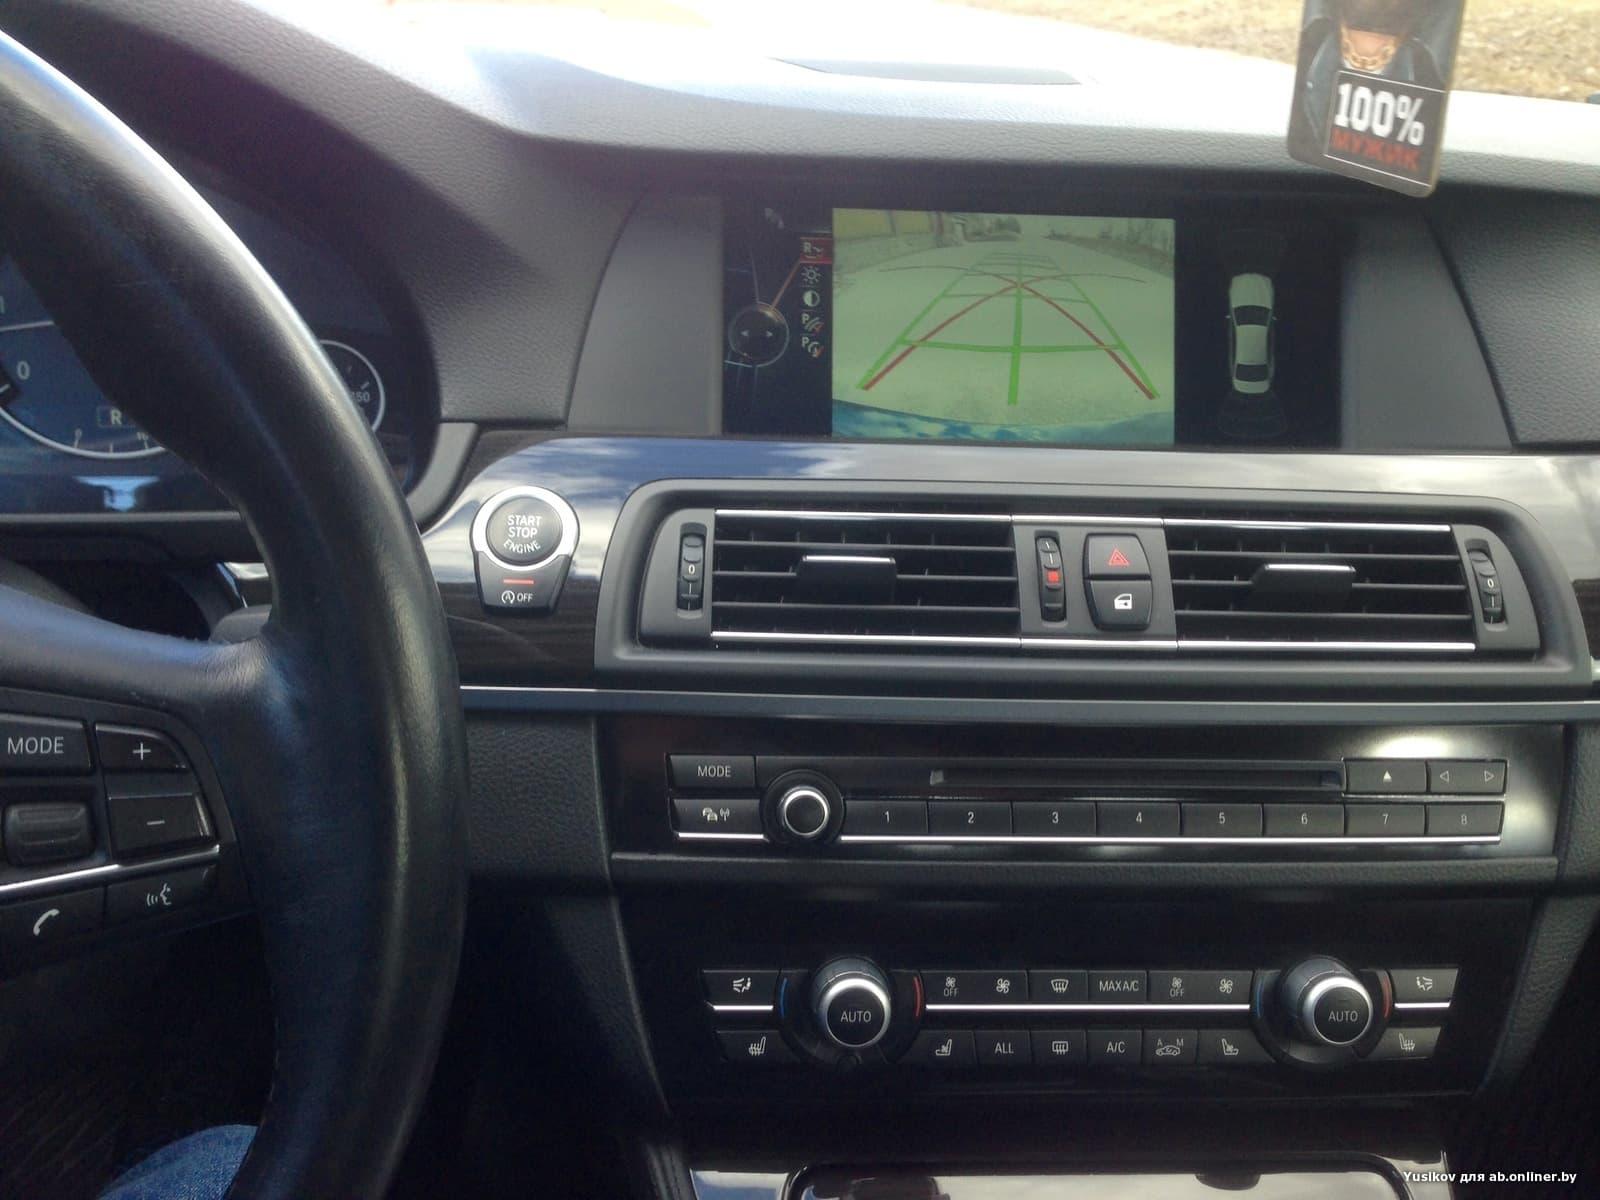 BMW 530 XDrive LUXURY